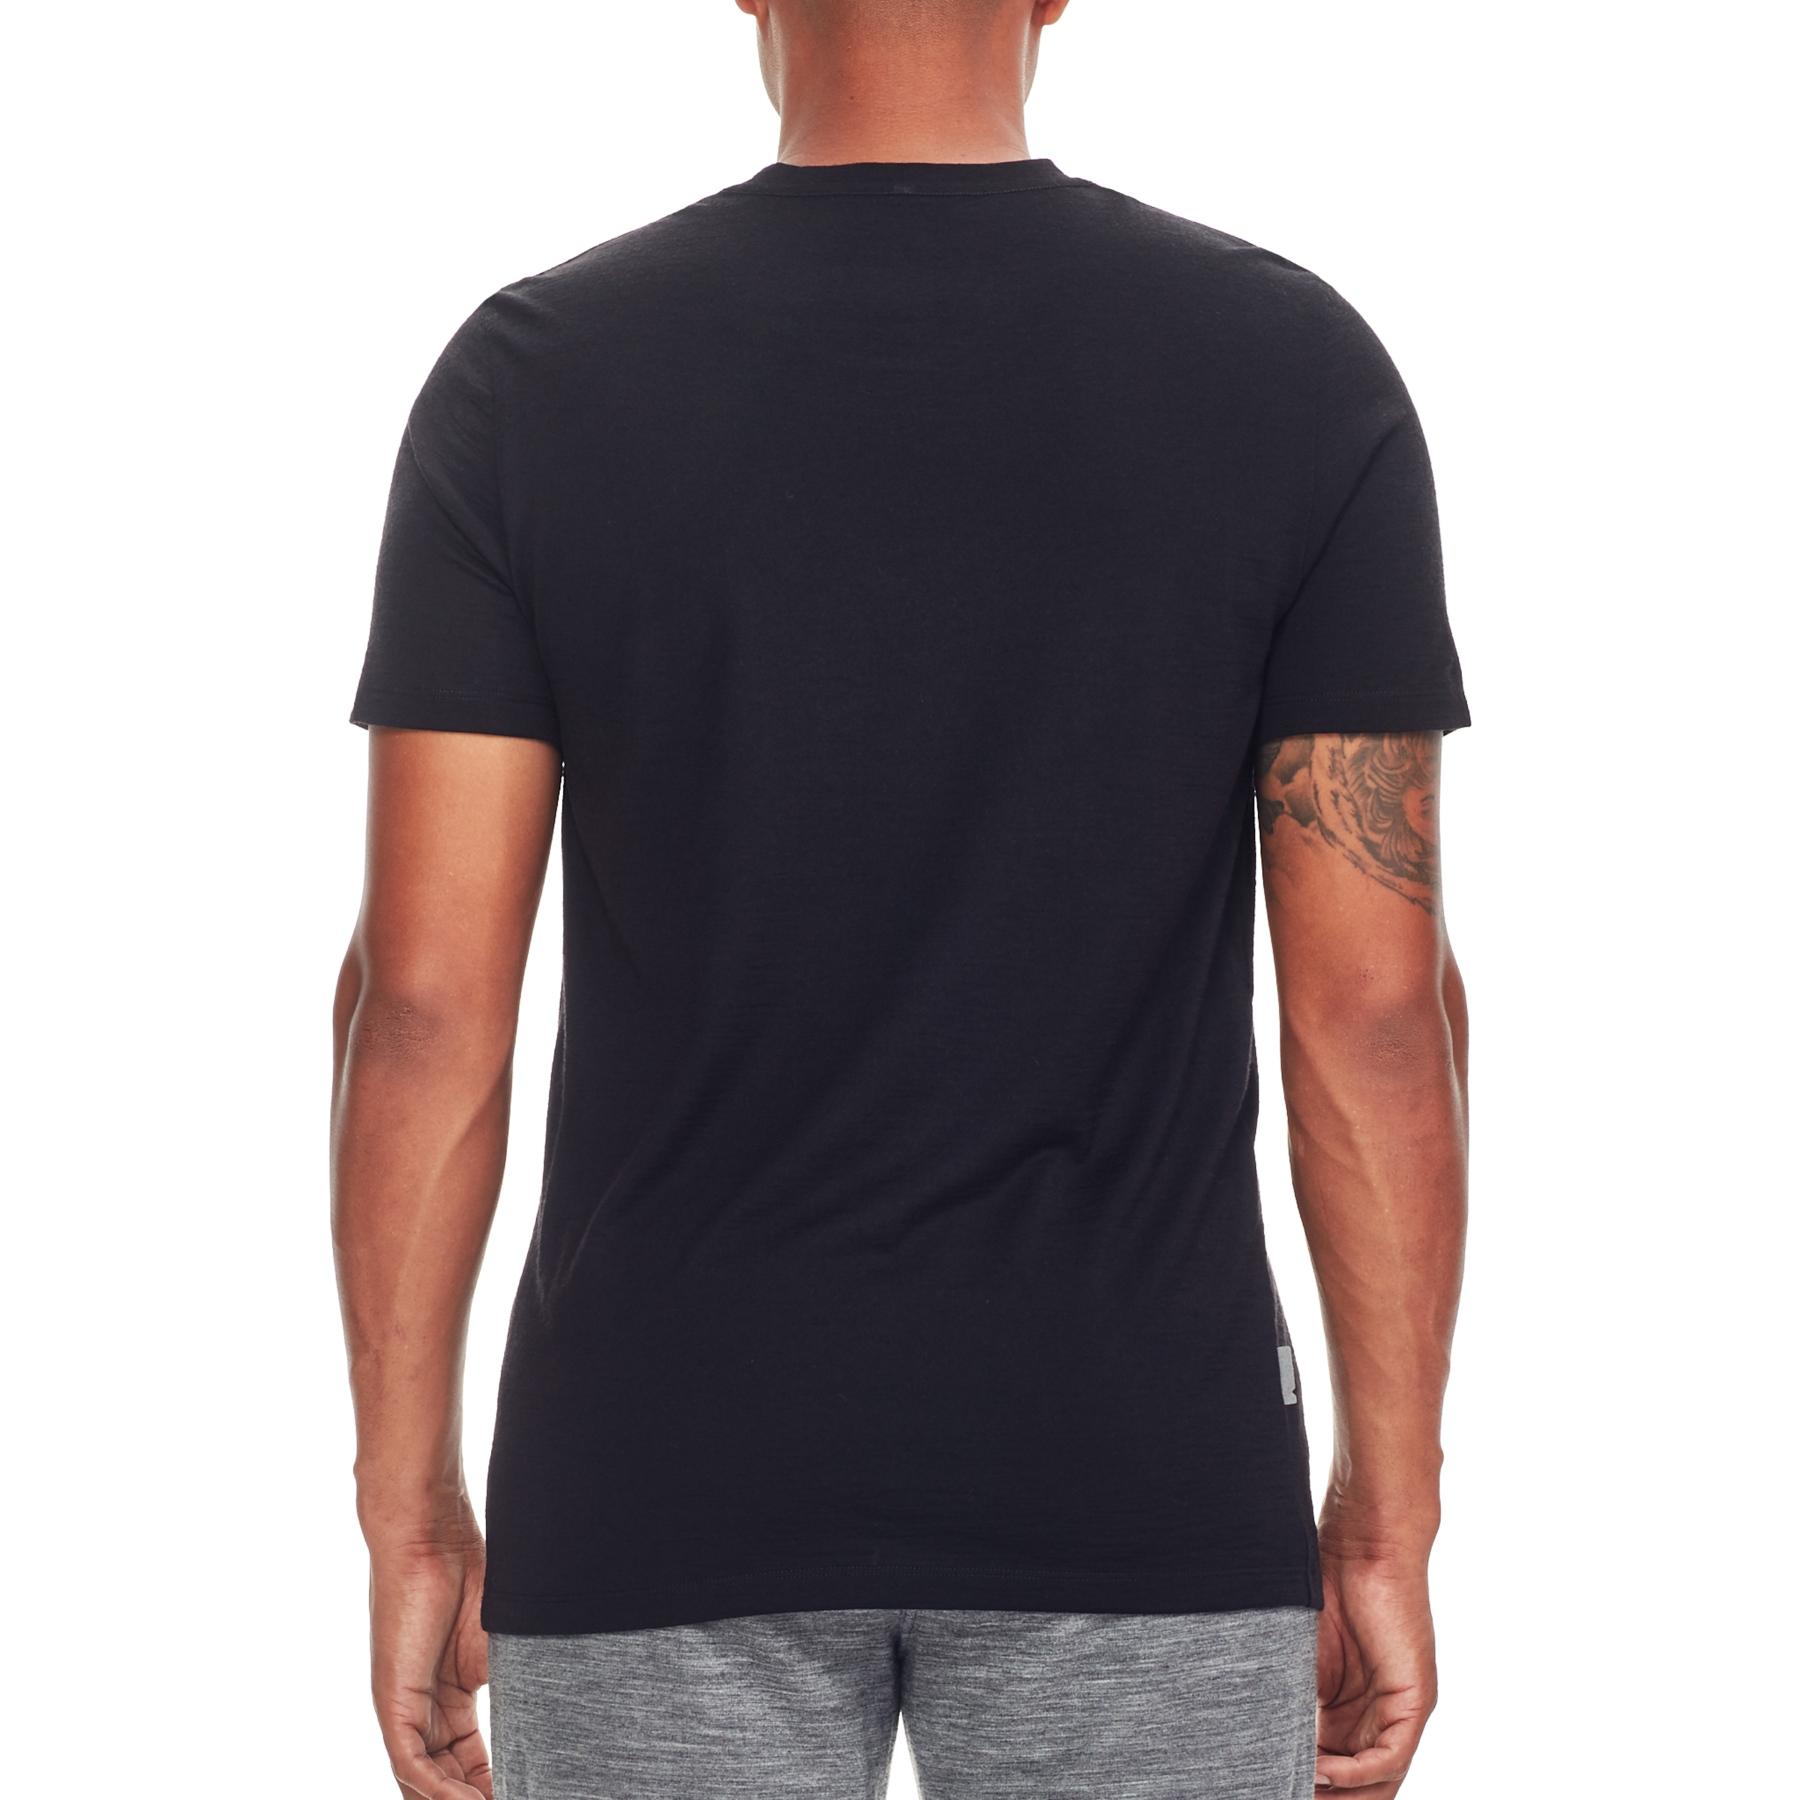 Bild von Icebreaker Tech Lite Crewe Herren T-Shirt - Coyote